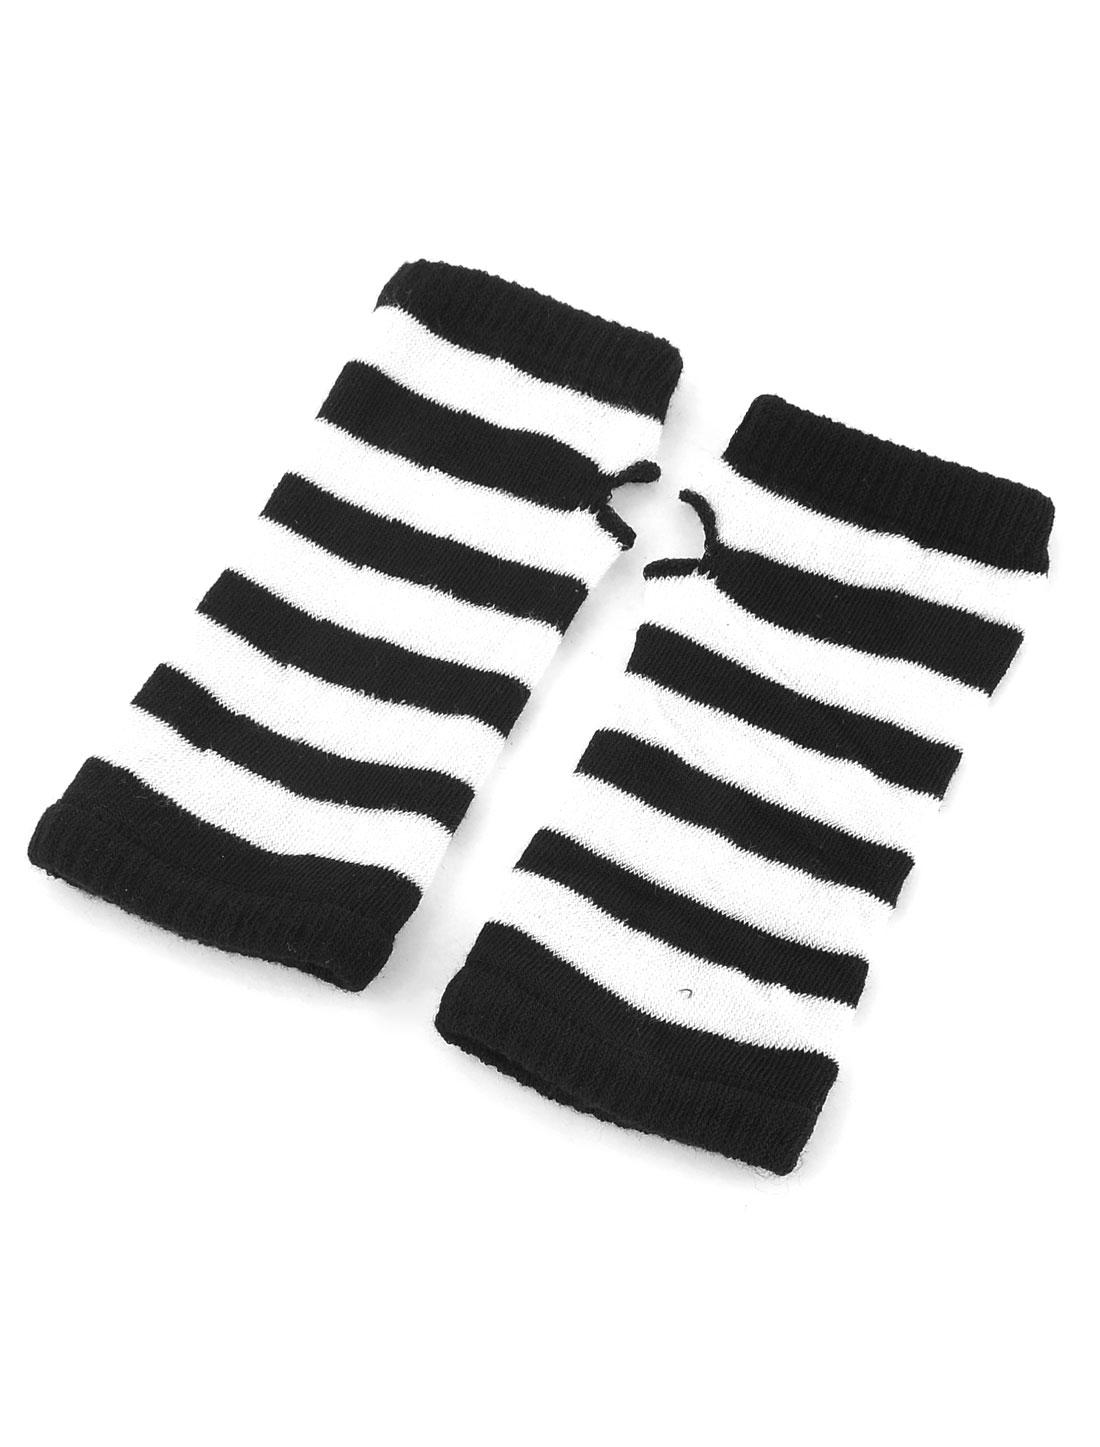 Women Elastic Fingerless Stripe Pattern Wrist Length Gloves Black White Pair